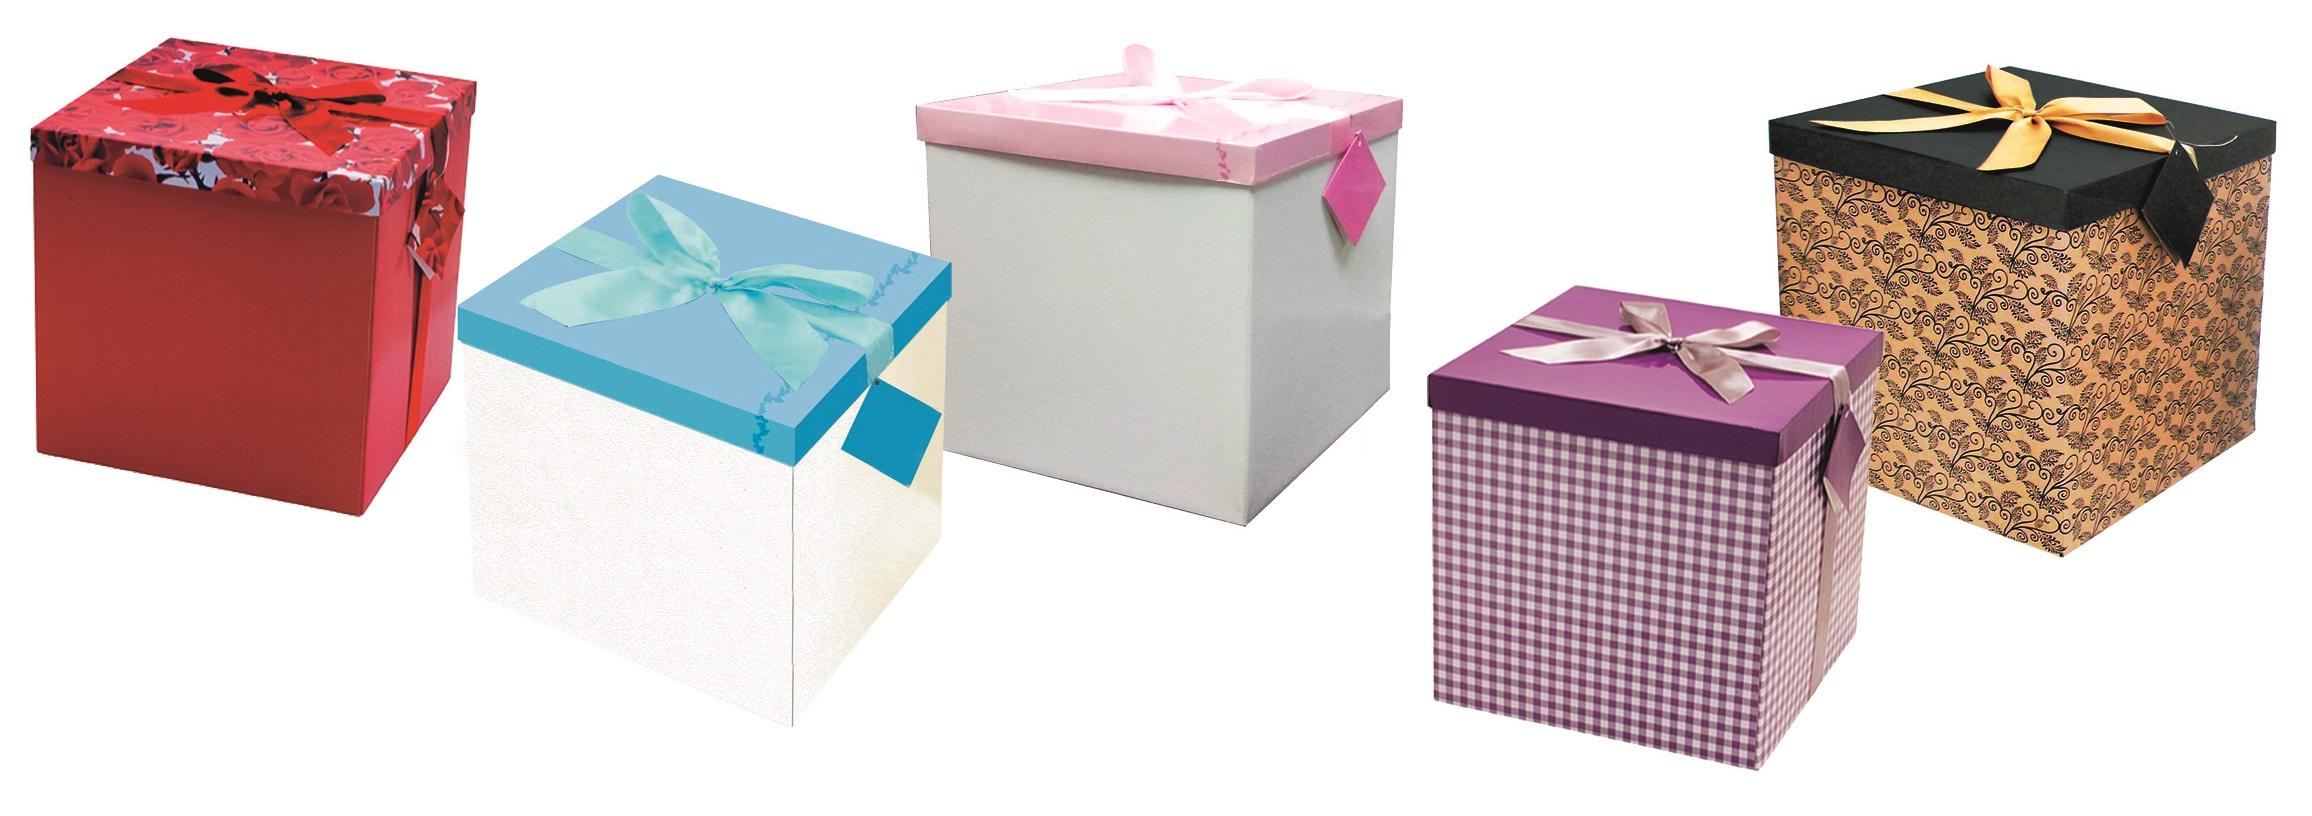 Dárková skládací krabička s mašlí celoroční XXL 30x30x30cm